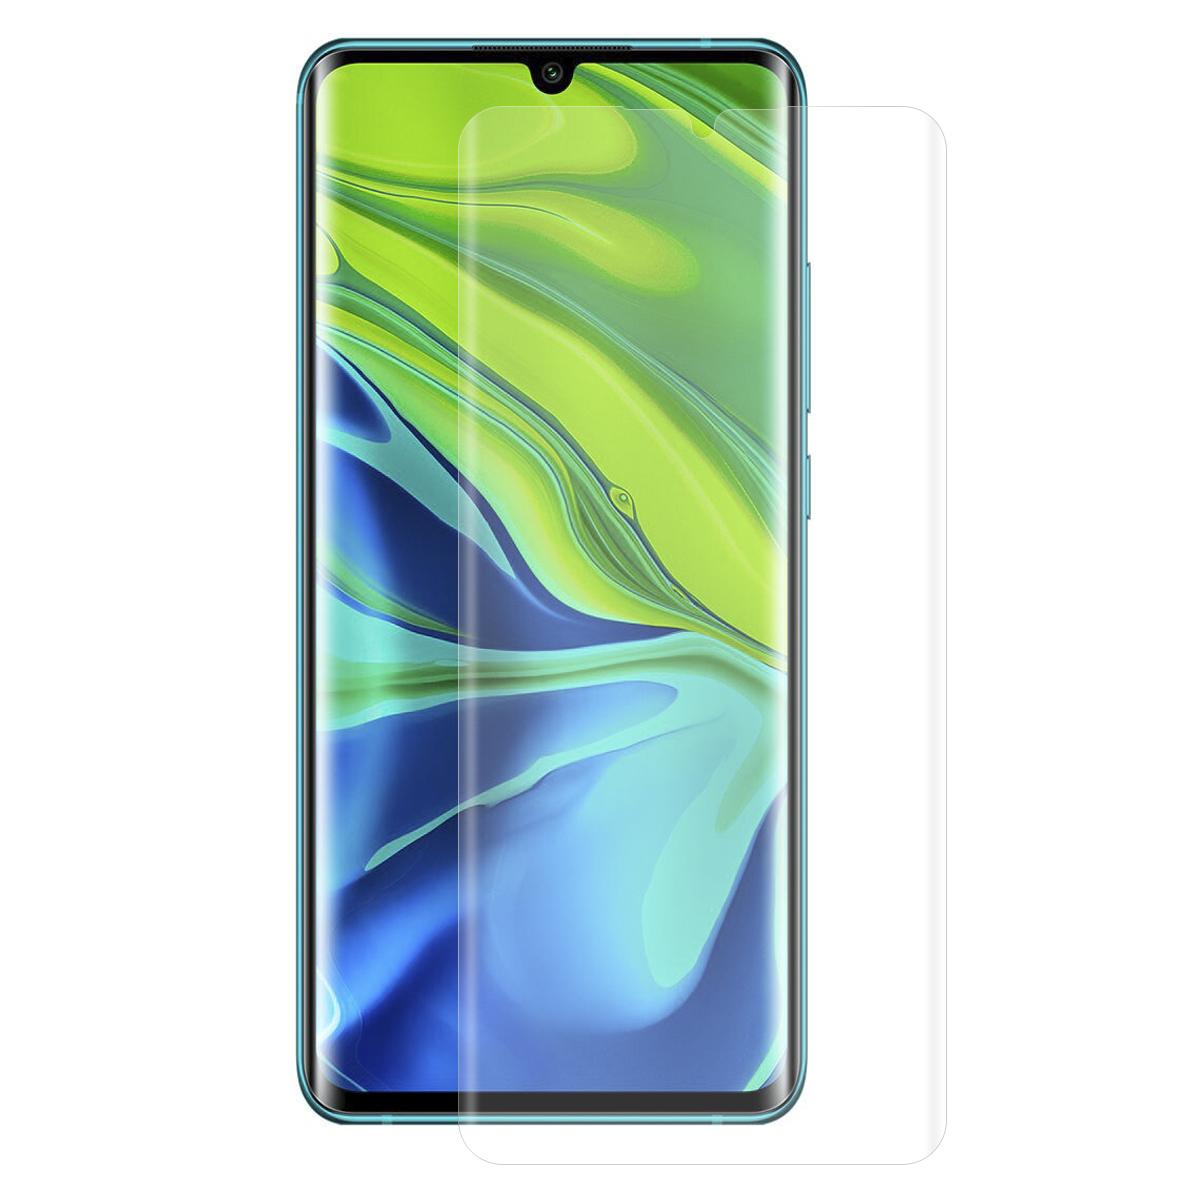 Полноэкранный Изогнутый HD Изогнутый HD Soft PET Защитная пленка для экрана Xiaomi Mi Note 10 / Xiaomi Mi Note 10 Pro / Xiaomi Mi CC9 Pro